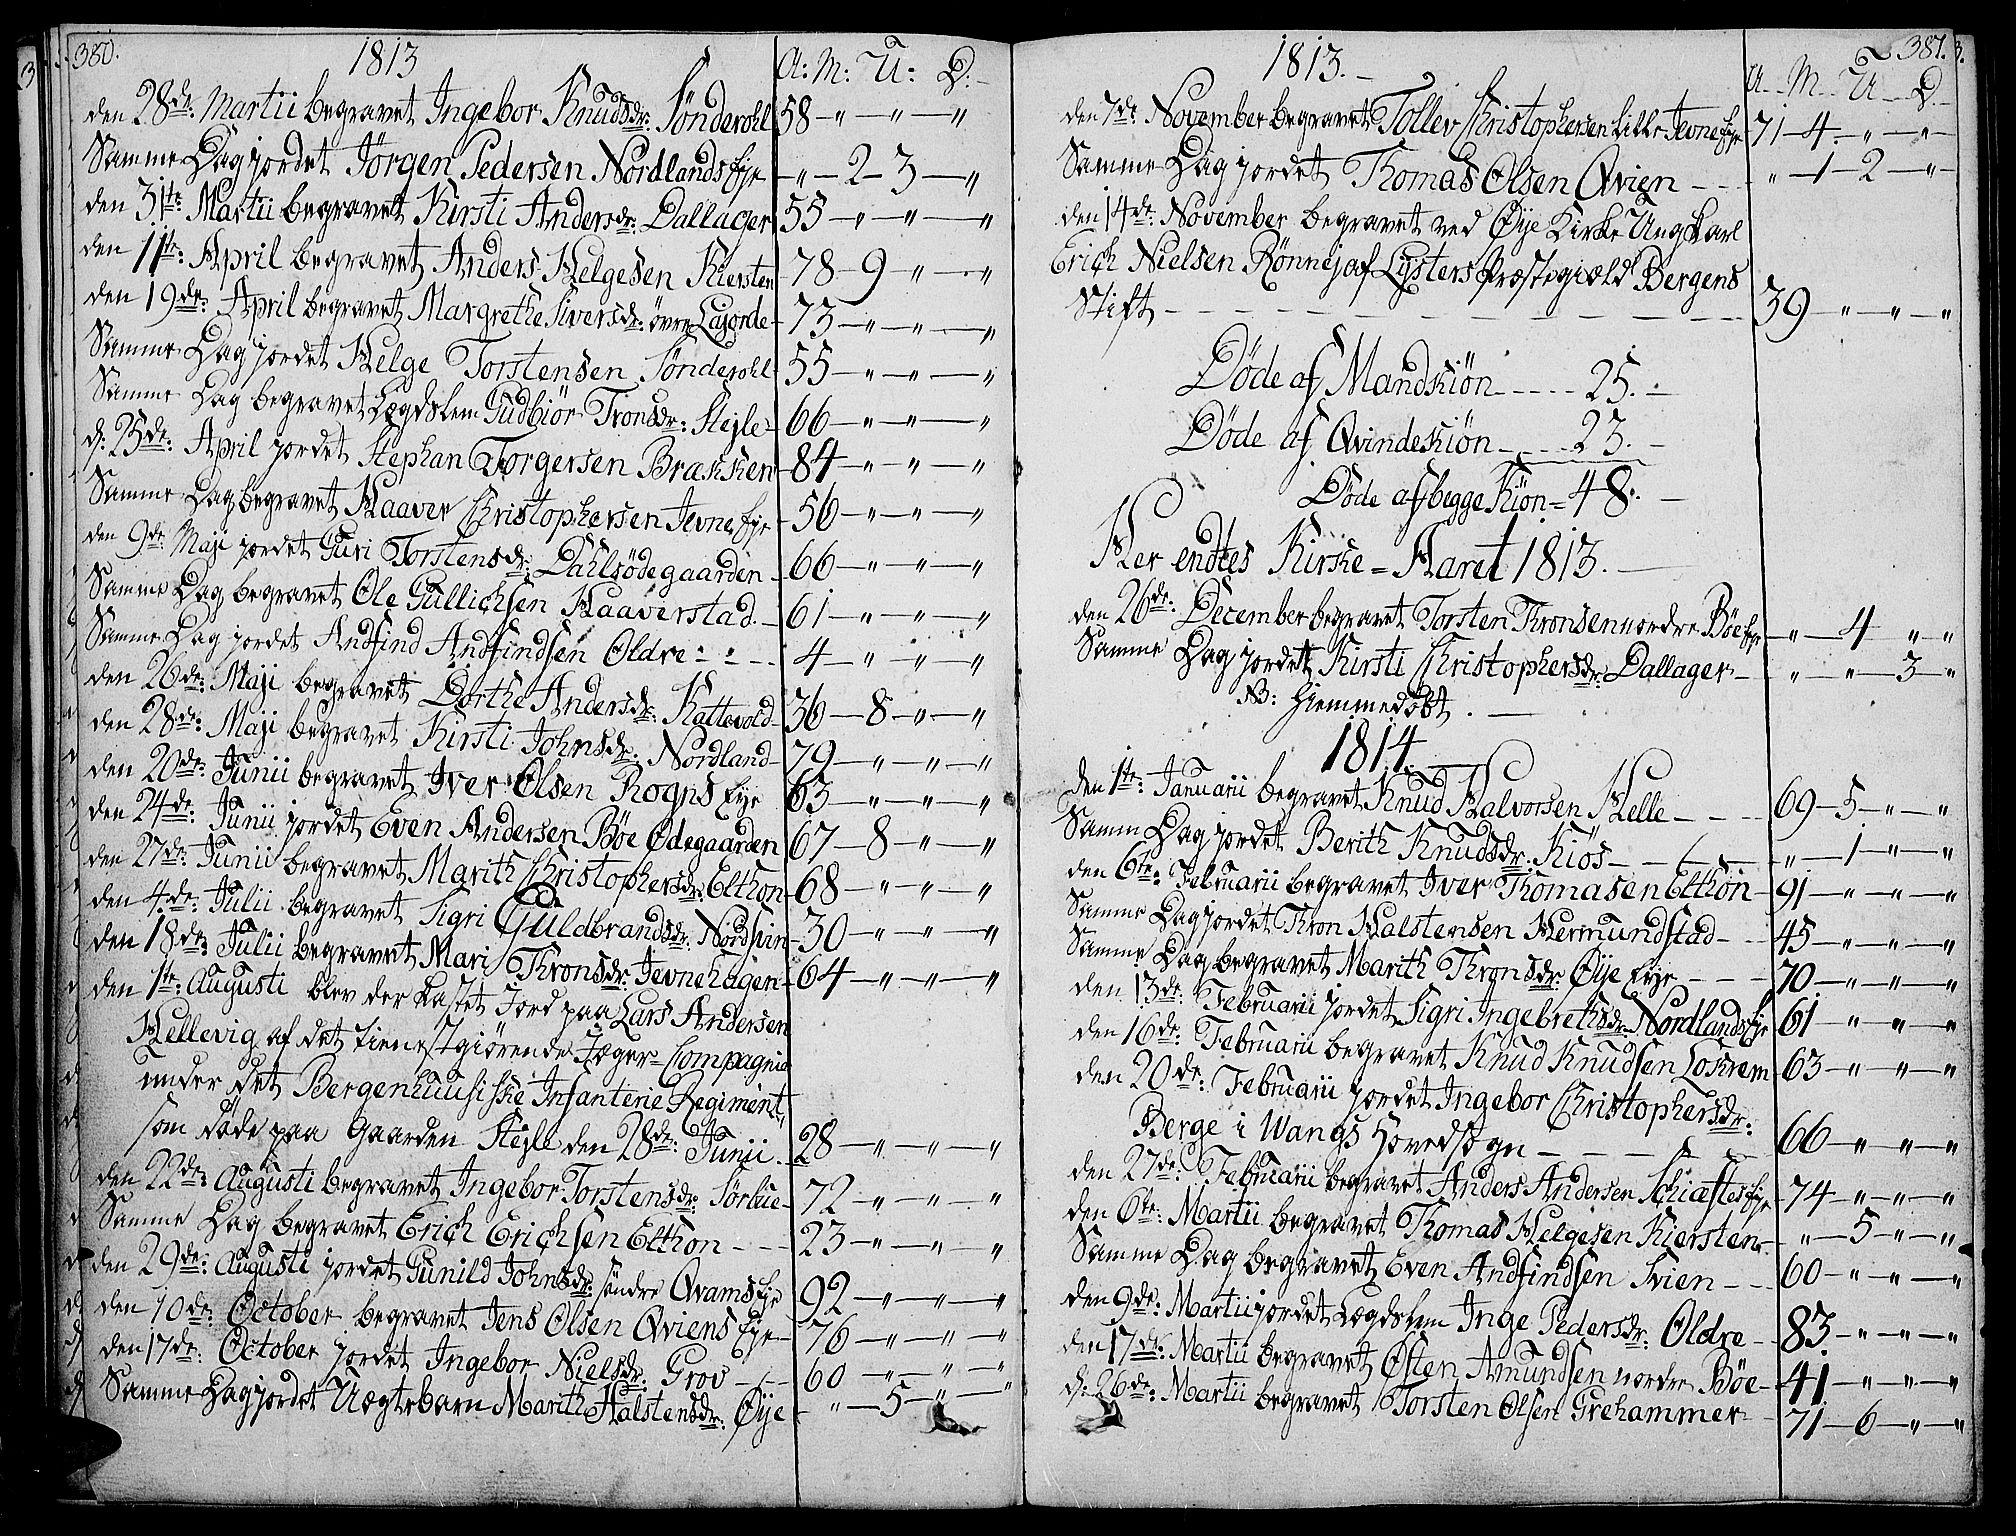 SAH, Vang prestekontor, Valdres, Ministerialbok nr. 3, 1809-1831, s. 380-381